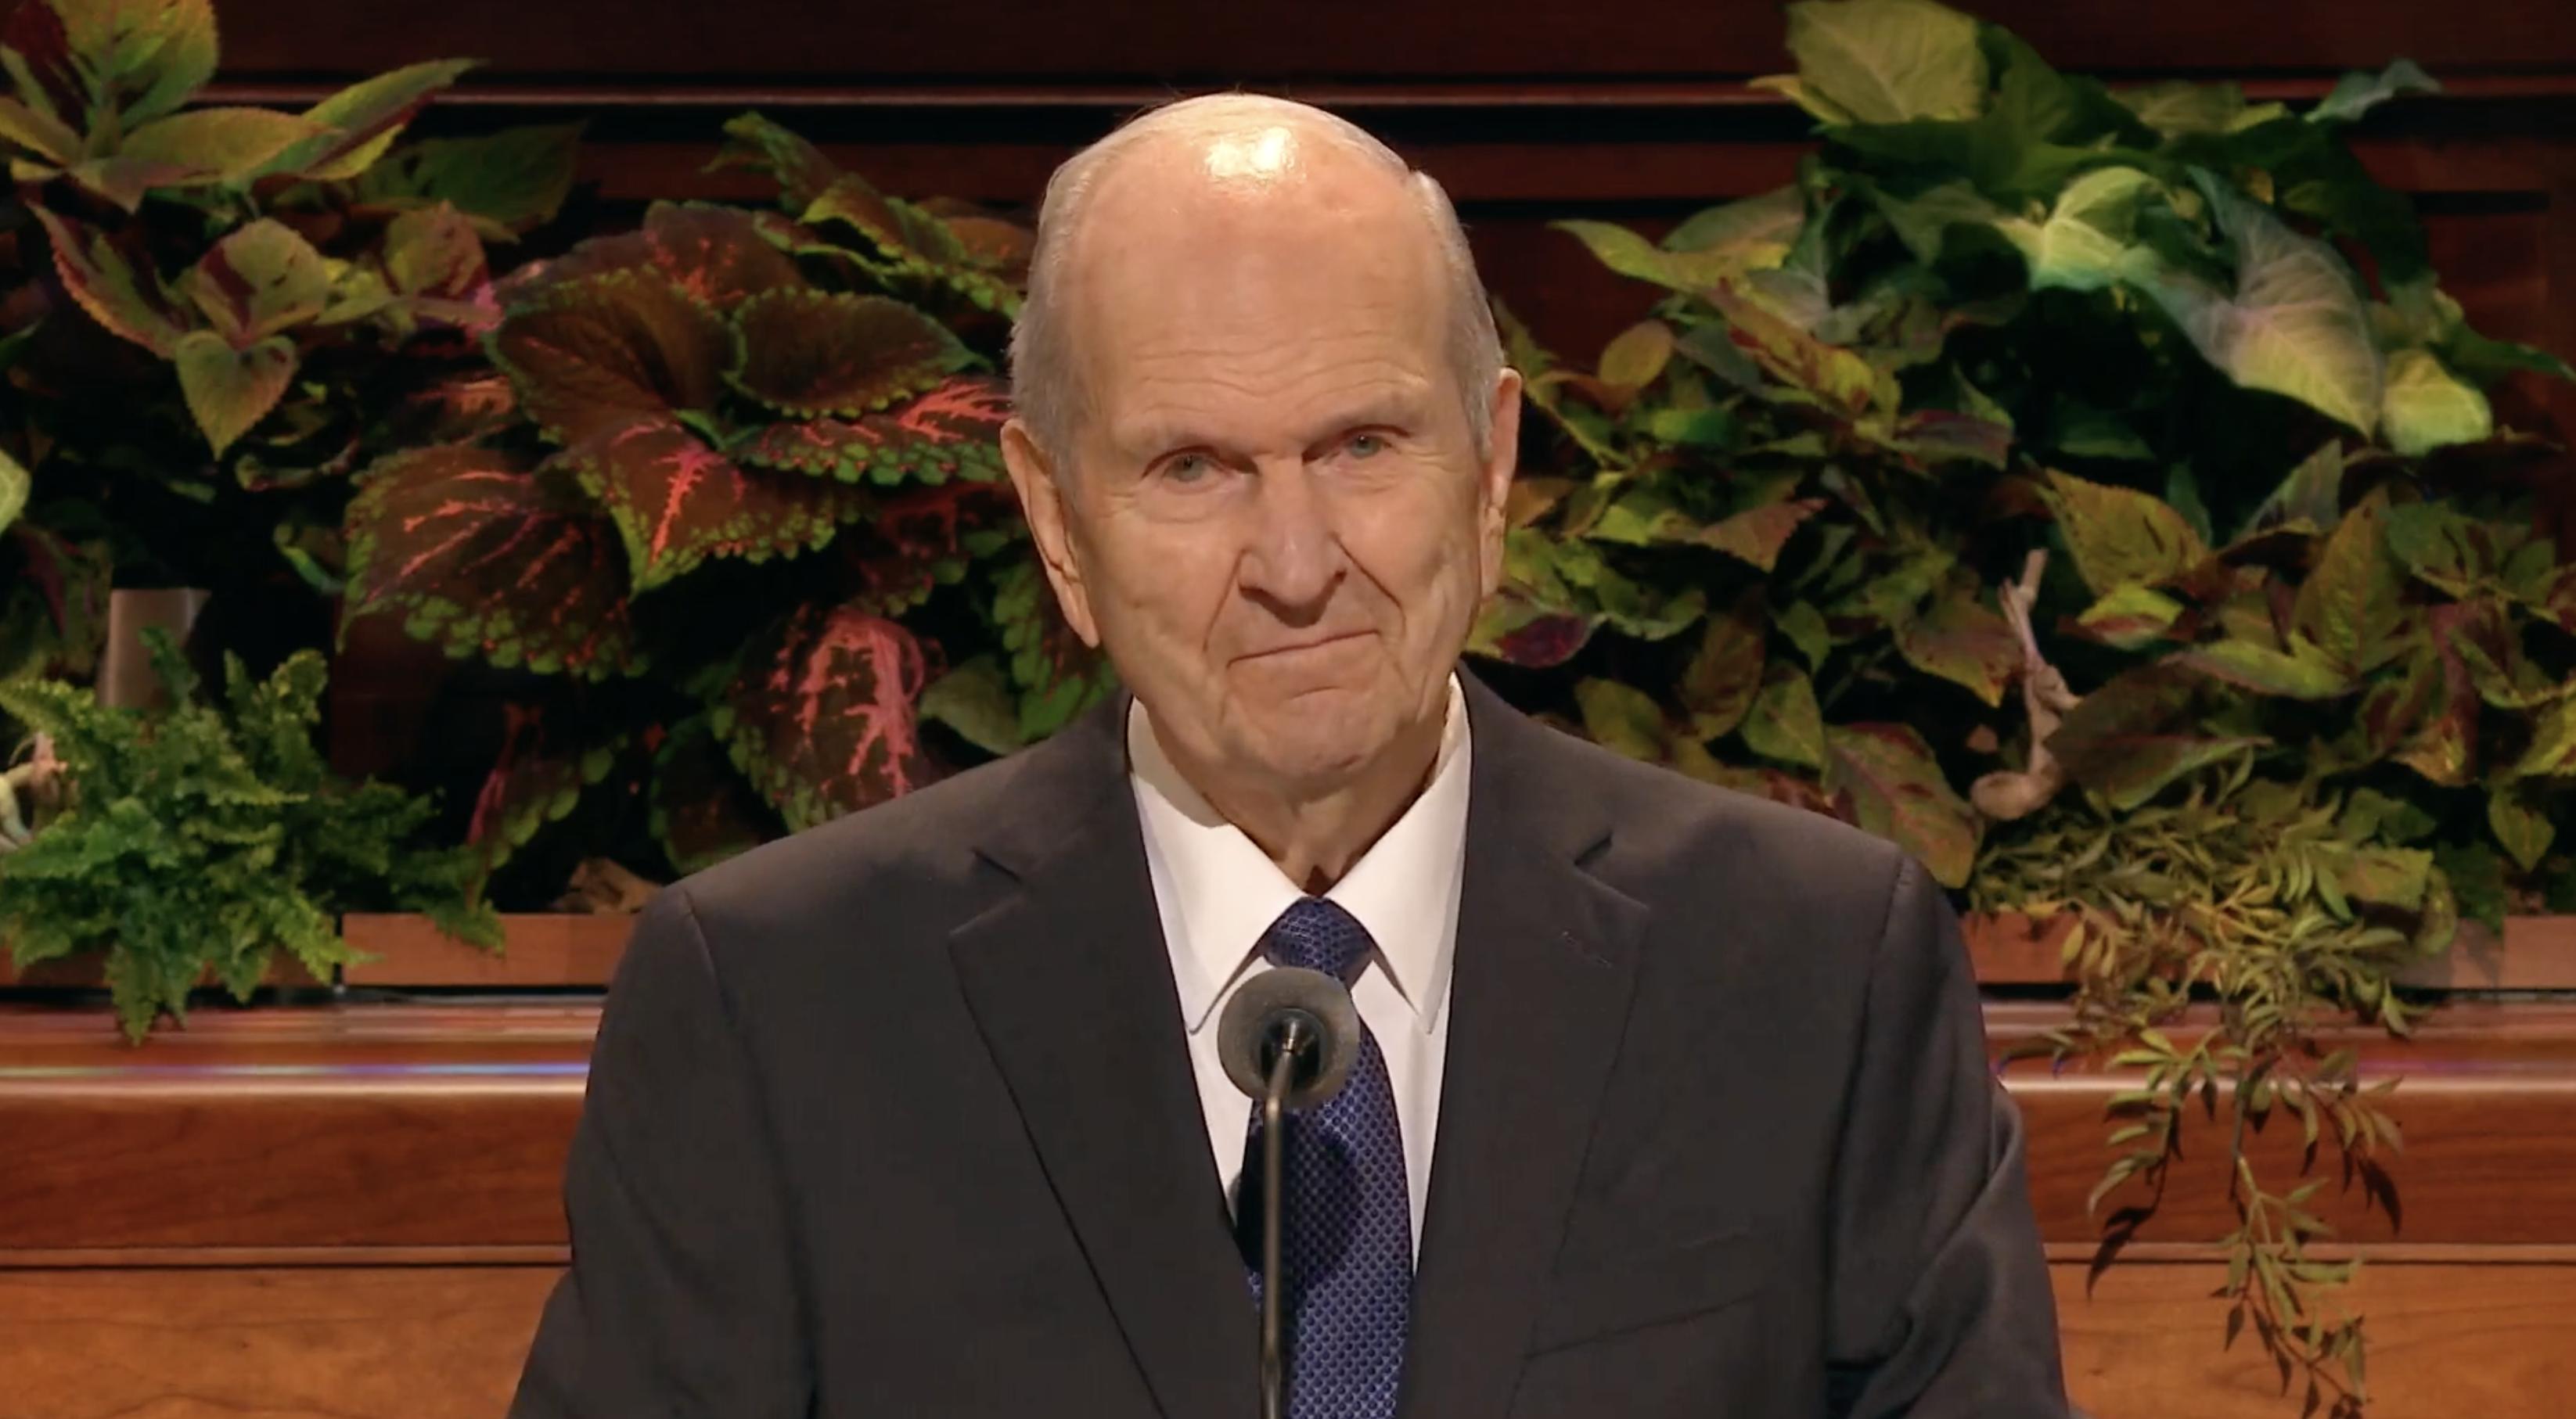 El presidente Russell M. Nelson, presidente de la Iglesia, habla durante la sesión del domingo por la mañana de la Conferencia General Semestral N°189 de la Iglesia, el 6 de octubre de 2019.